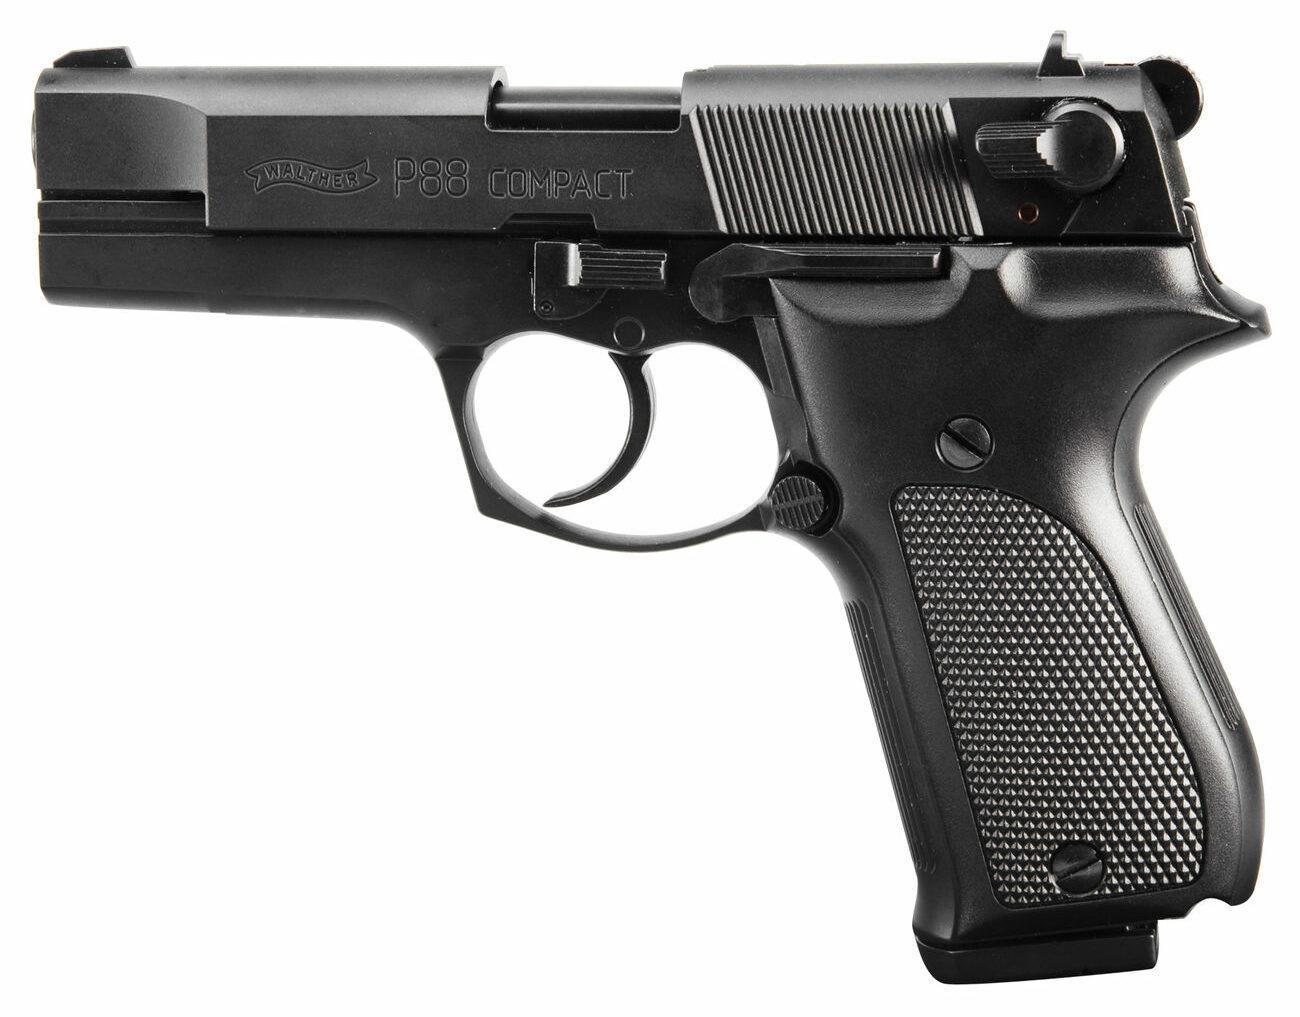 Пистолет Вальтер: подробный обзор немецкого боевого пистолета